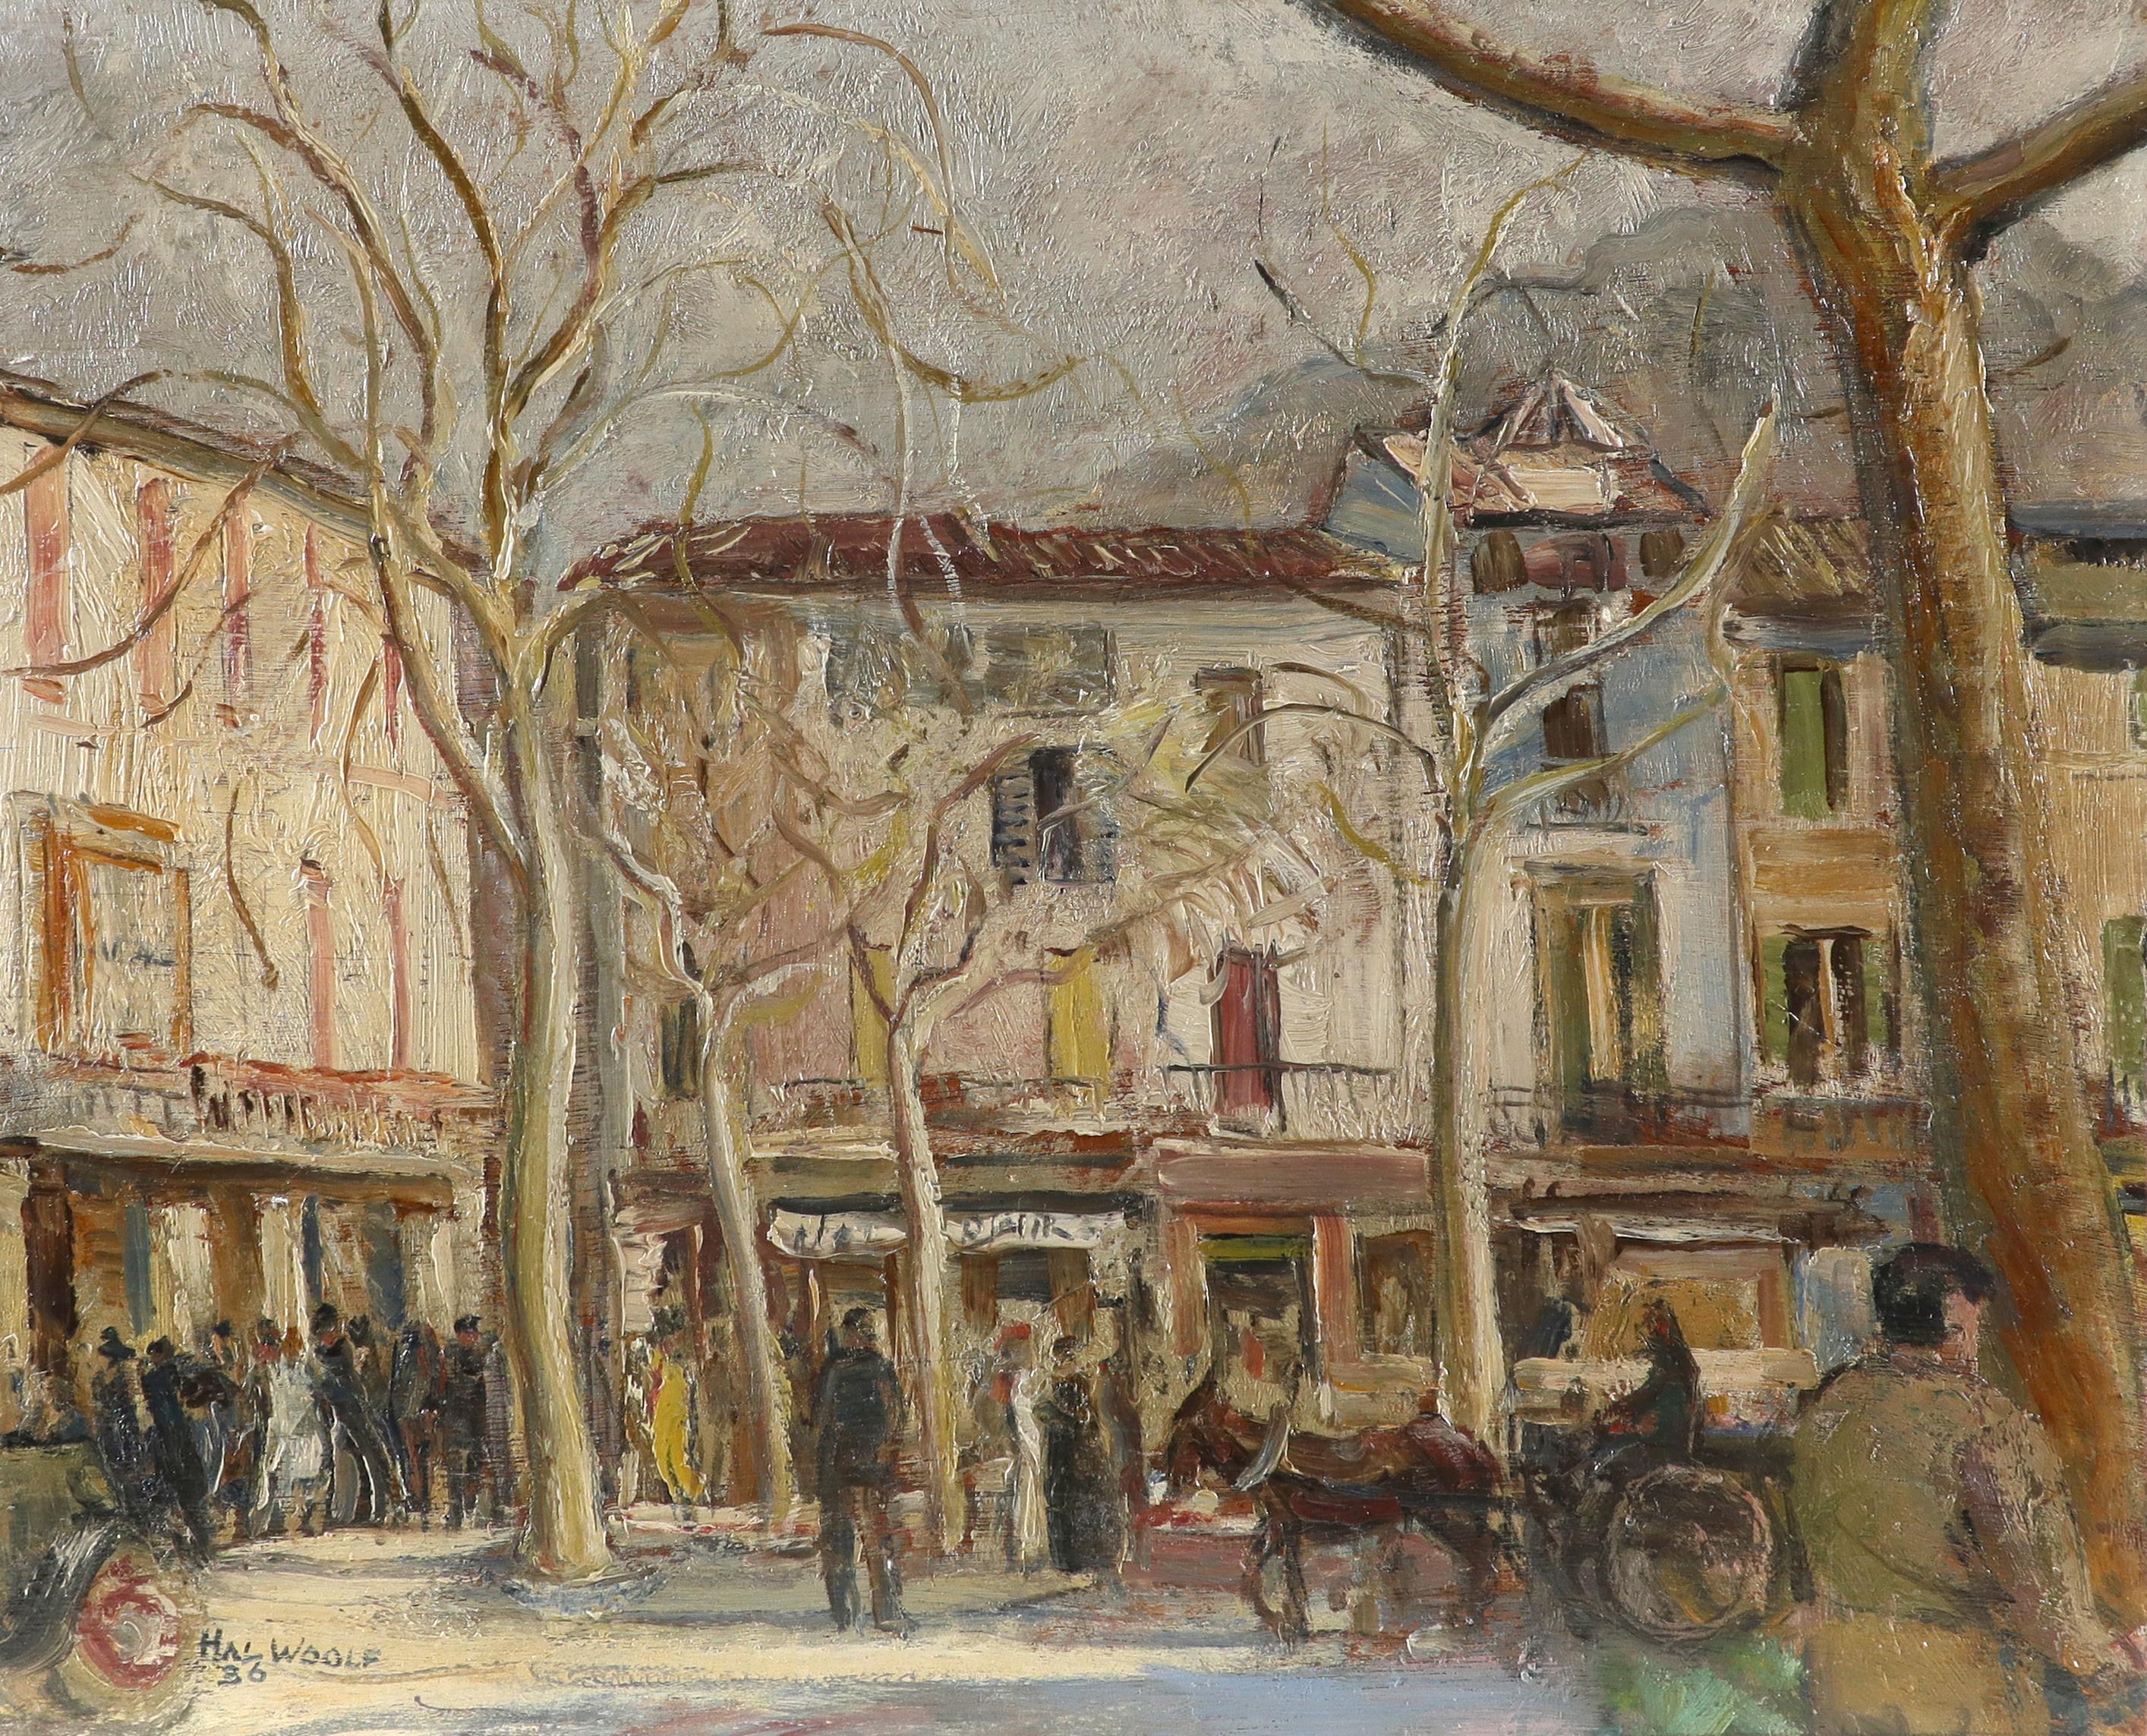 ‡Hal Woolf (1902-1962) Market Scene, Sóller, Mallorca Signed HAL WOOLF/36 (lower left) Oil on